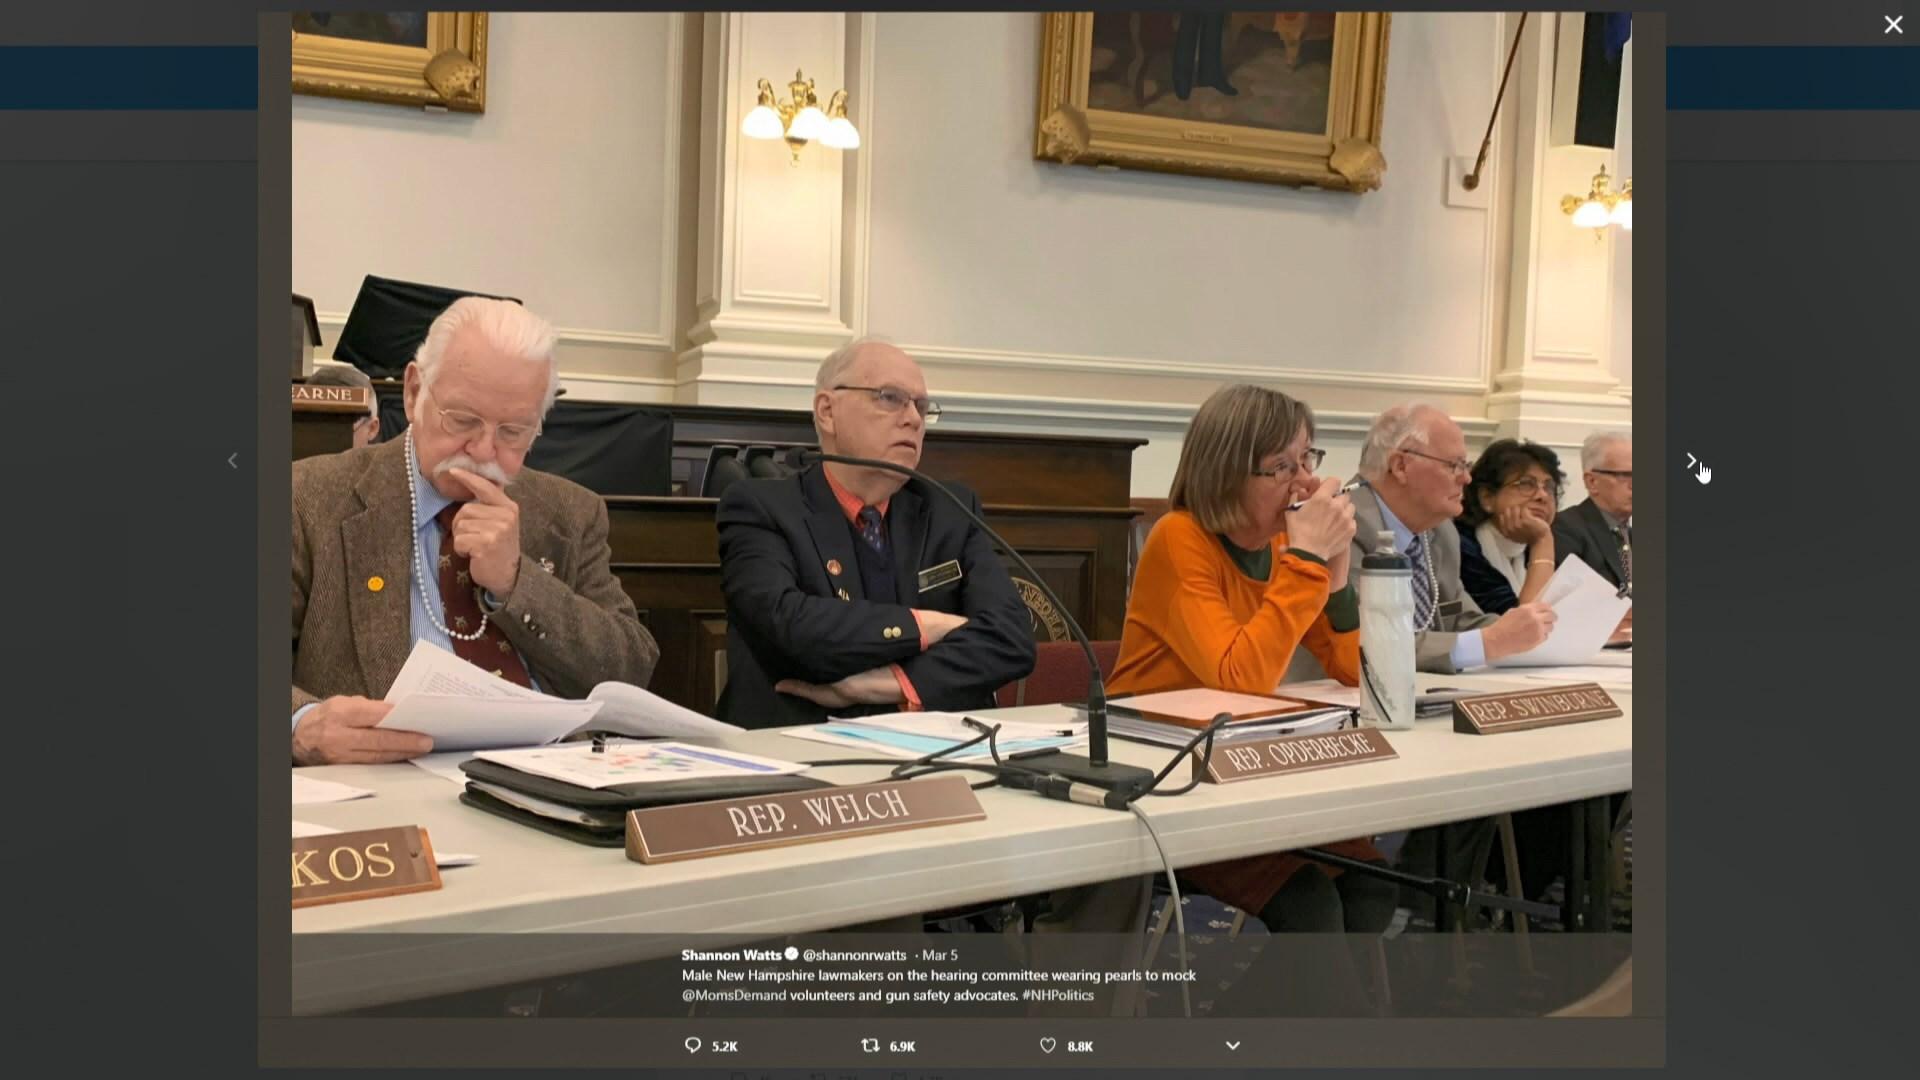 【環球薈報】共和黨州議員戴珠鏈出席聽證會捱轟